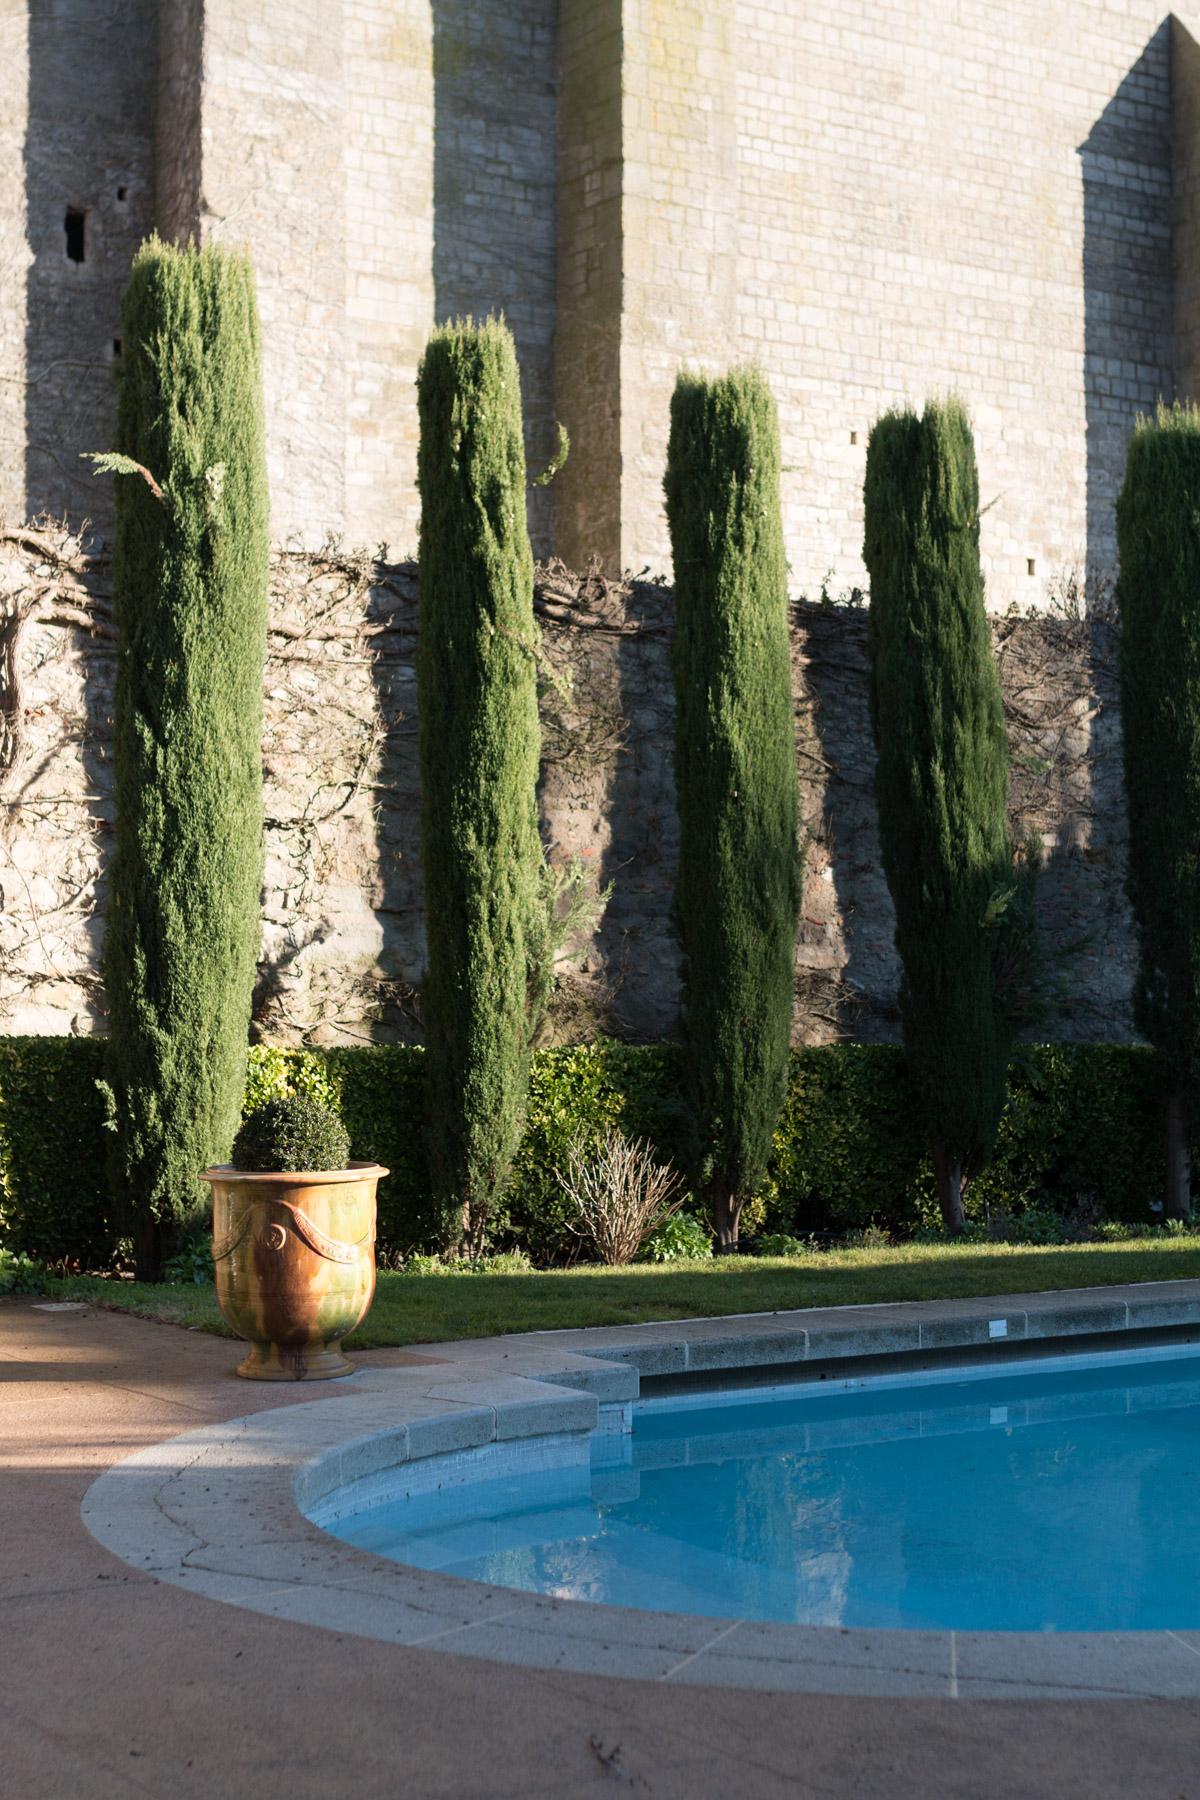 Hotel de la cite Carcassonne spa I Sp4nkblog-15